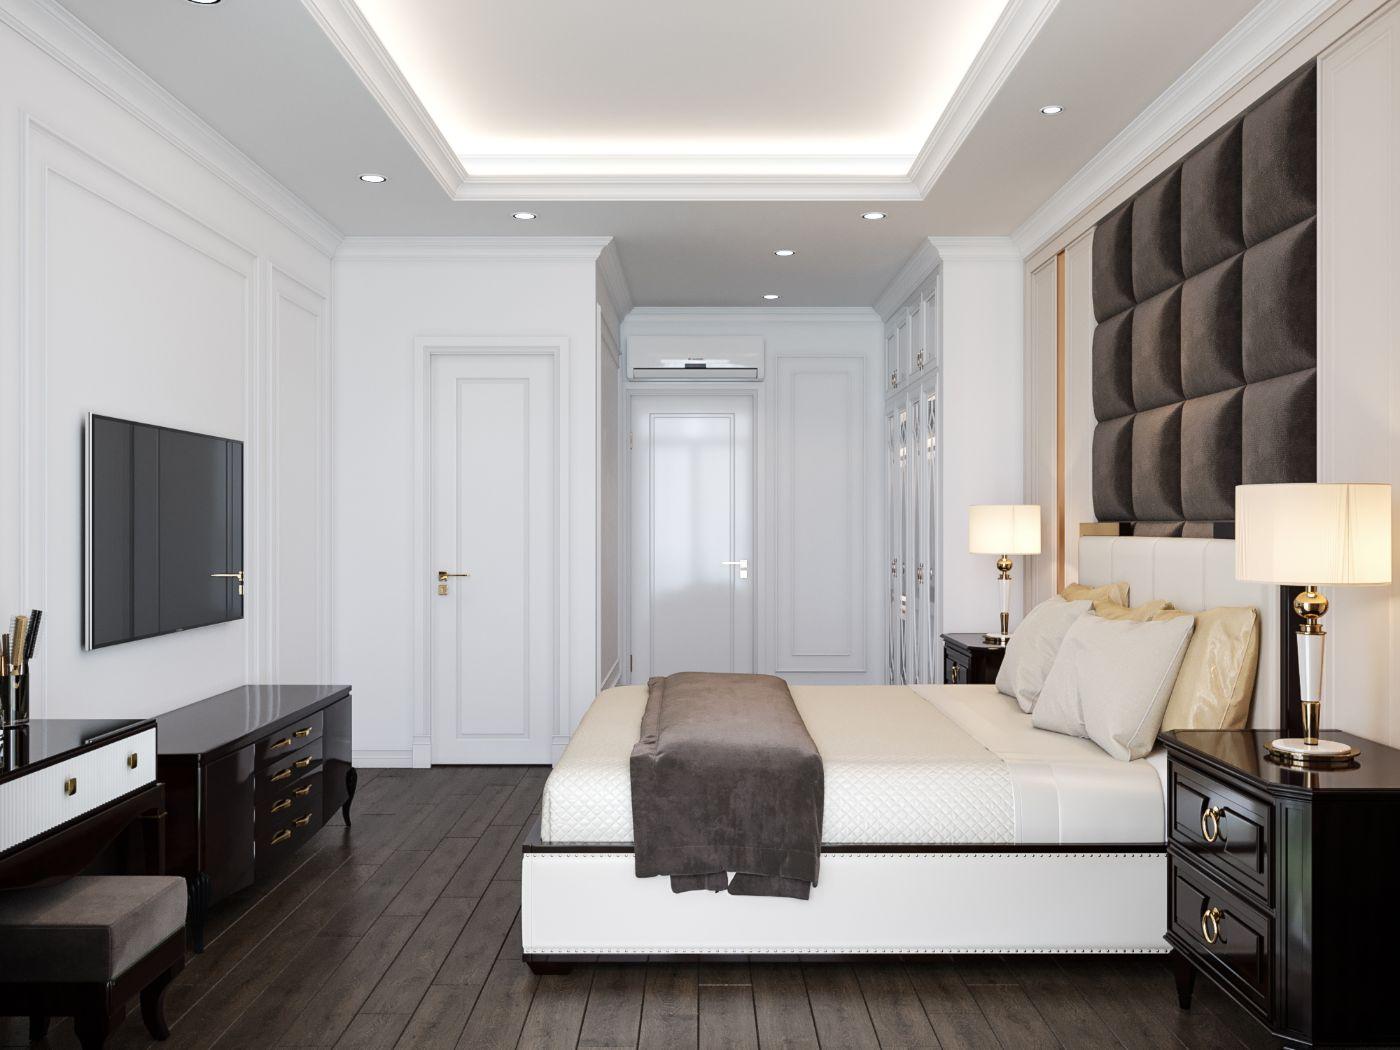 thiết kế nội thất nhà 2 tầng - phòng ngủ master 1